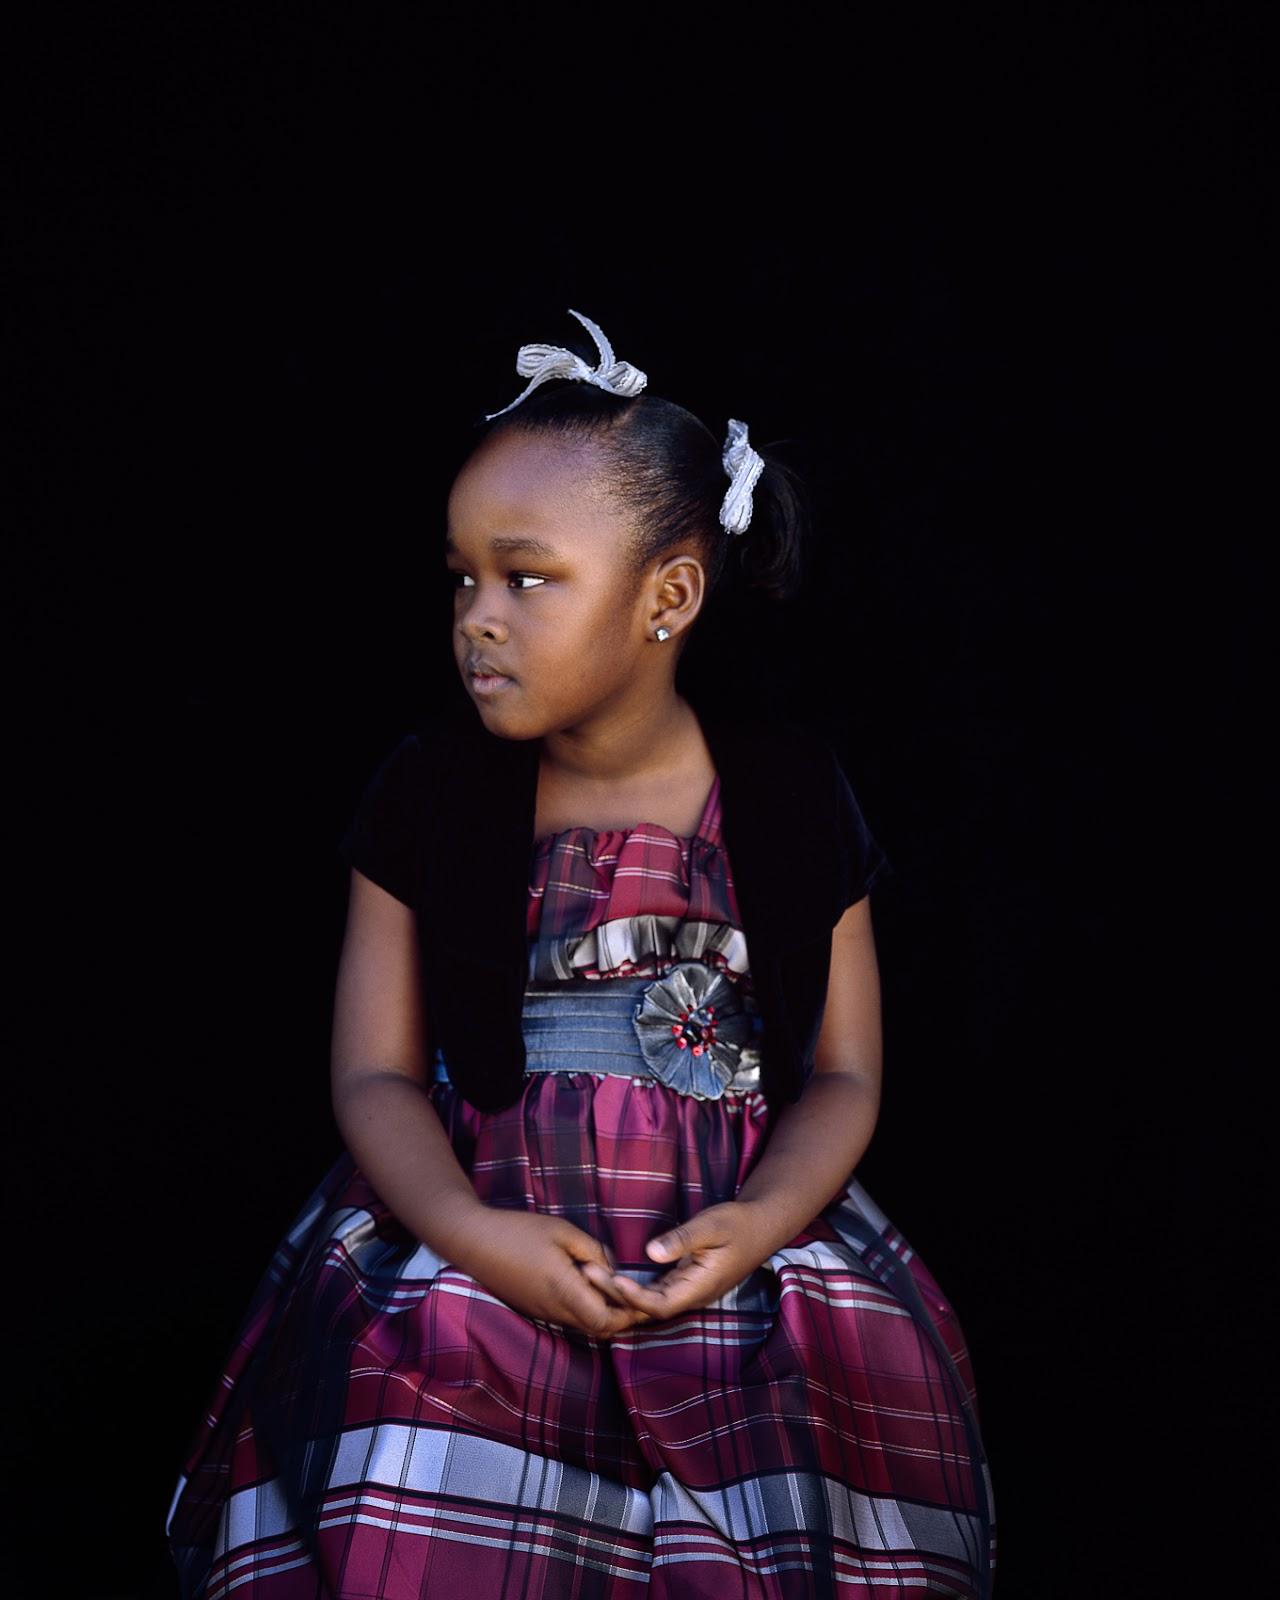 AJ_Willie-Daughter.jpg